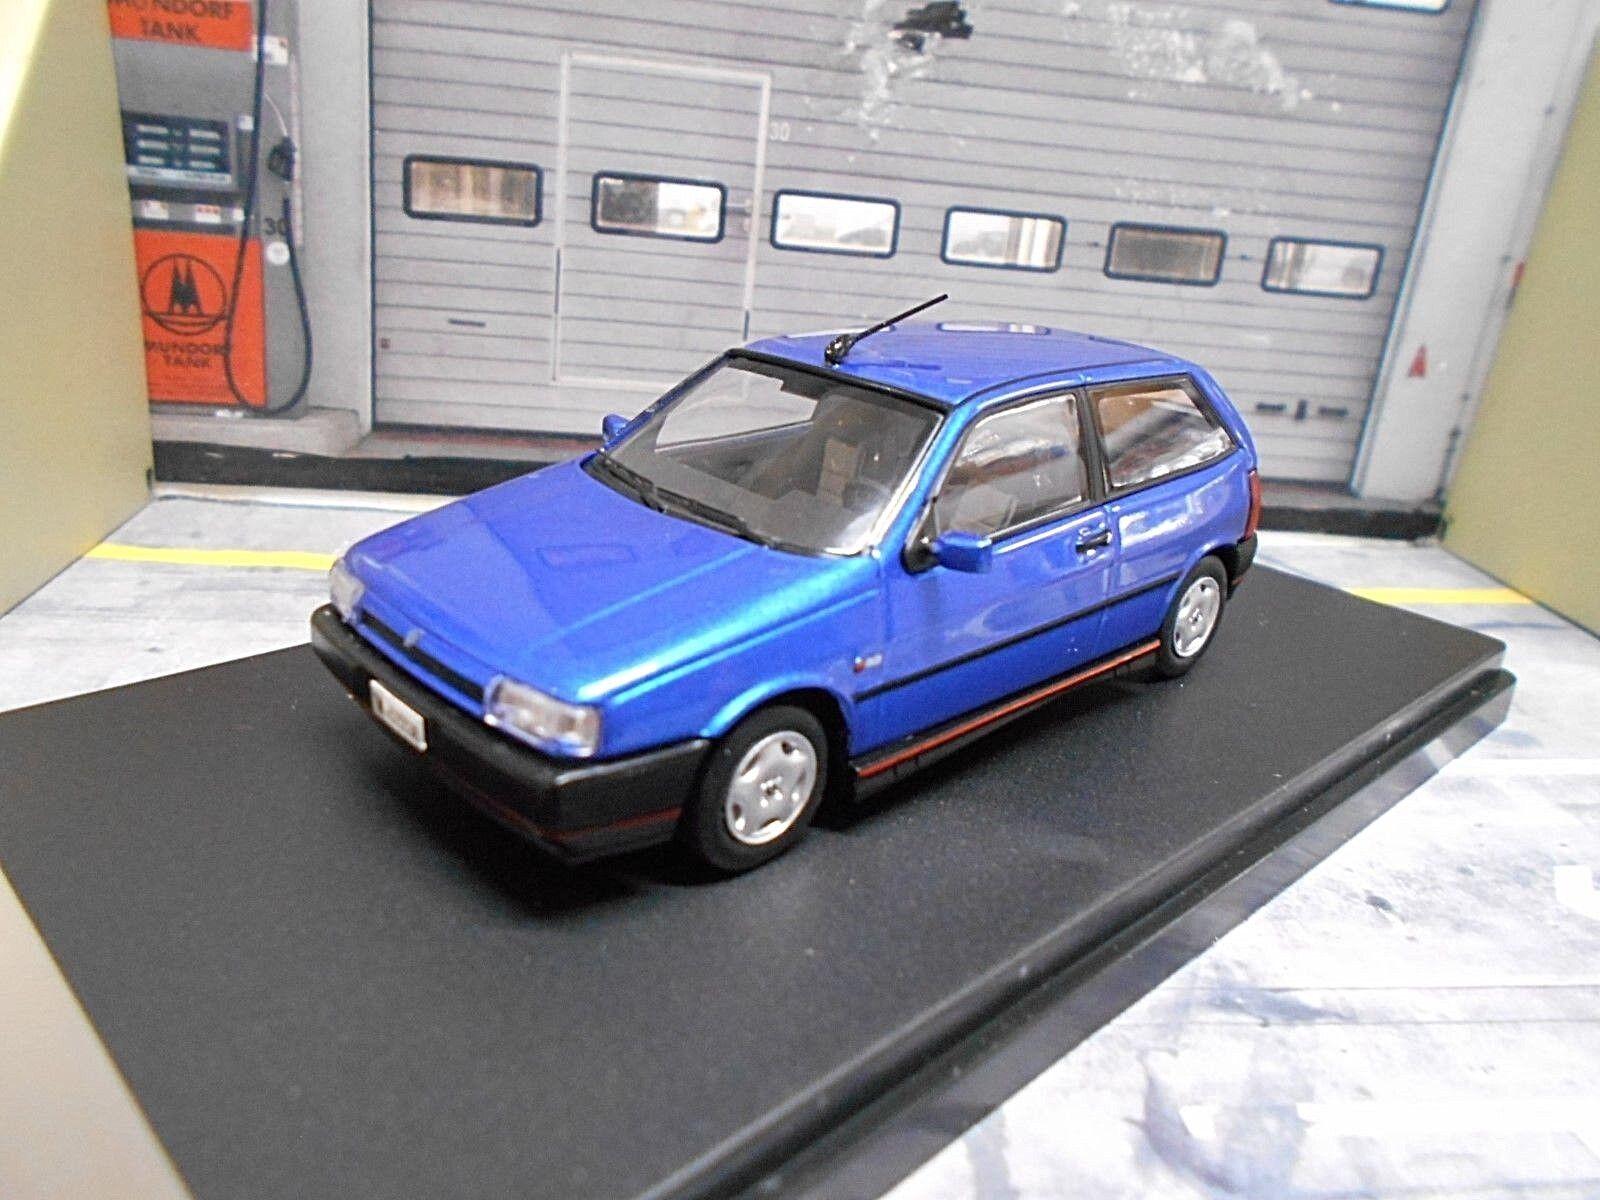 FIAT FIAT FIAT Tipo 2.0 ie 16V blue bluee 1995 IXO PremiumX 1 43 b582dd